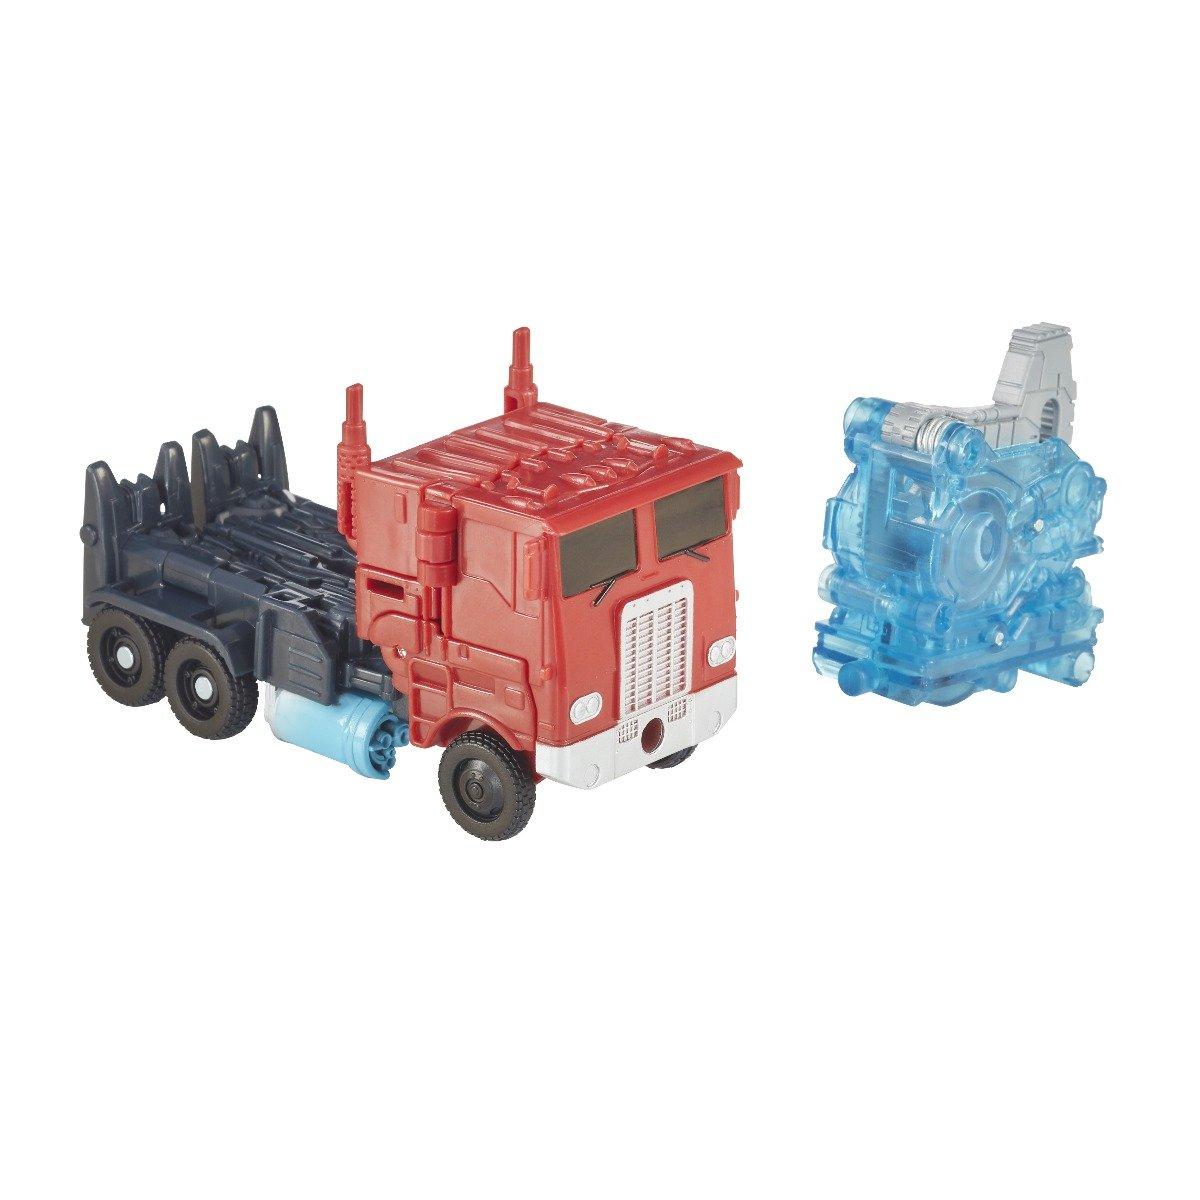 Figurina Transformers Energon Igniters Power Plus Optimus Prime